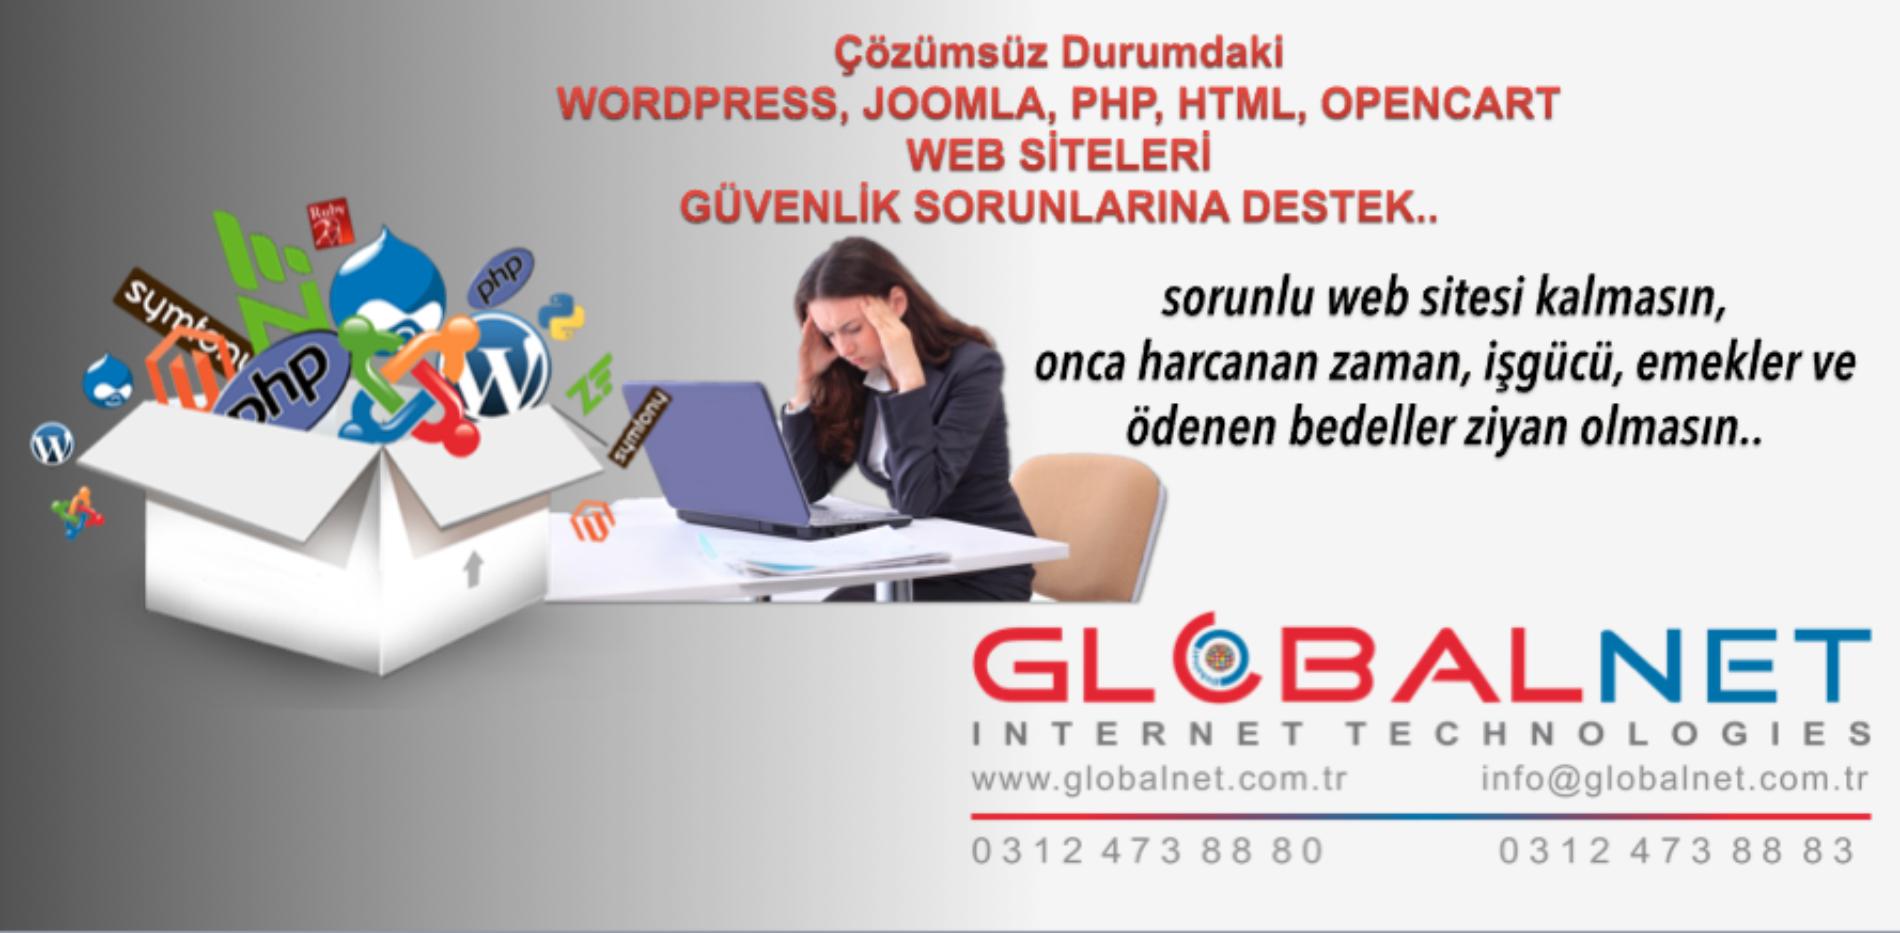 WORDPRESS JOOMLA PHP OPENCART WEB SİTESİ GÜVENLİK SORUNLARINA DESTEK